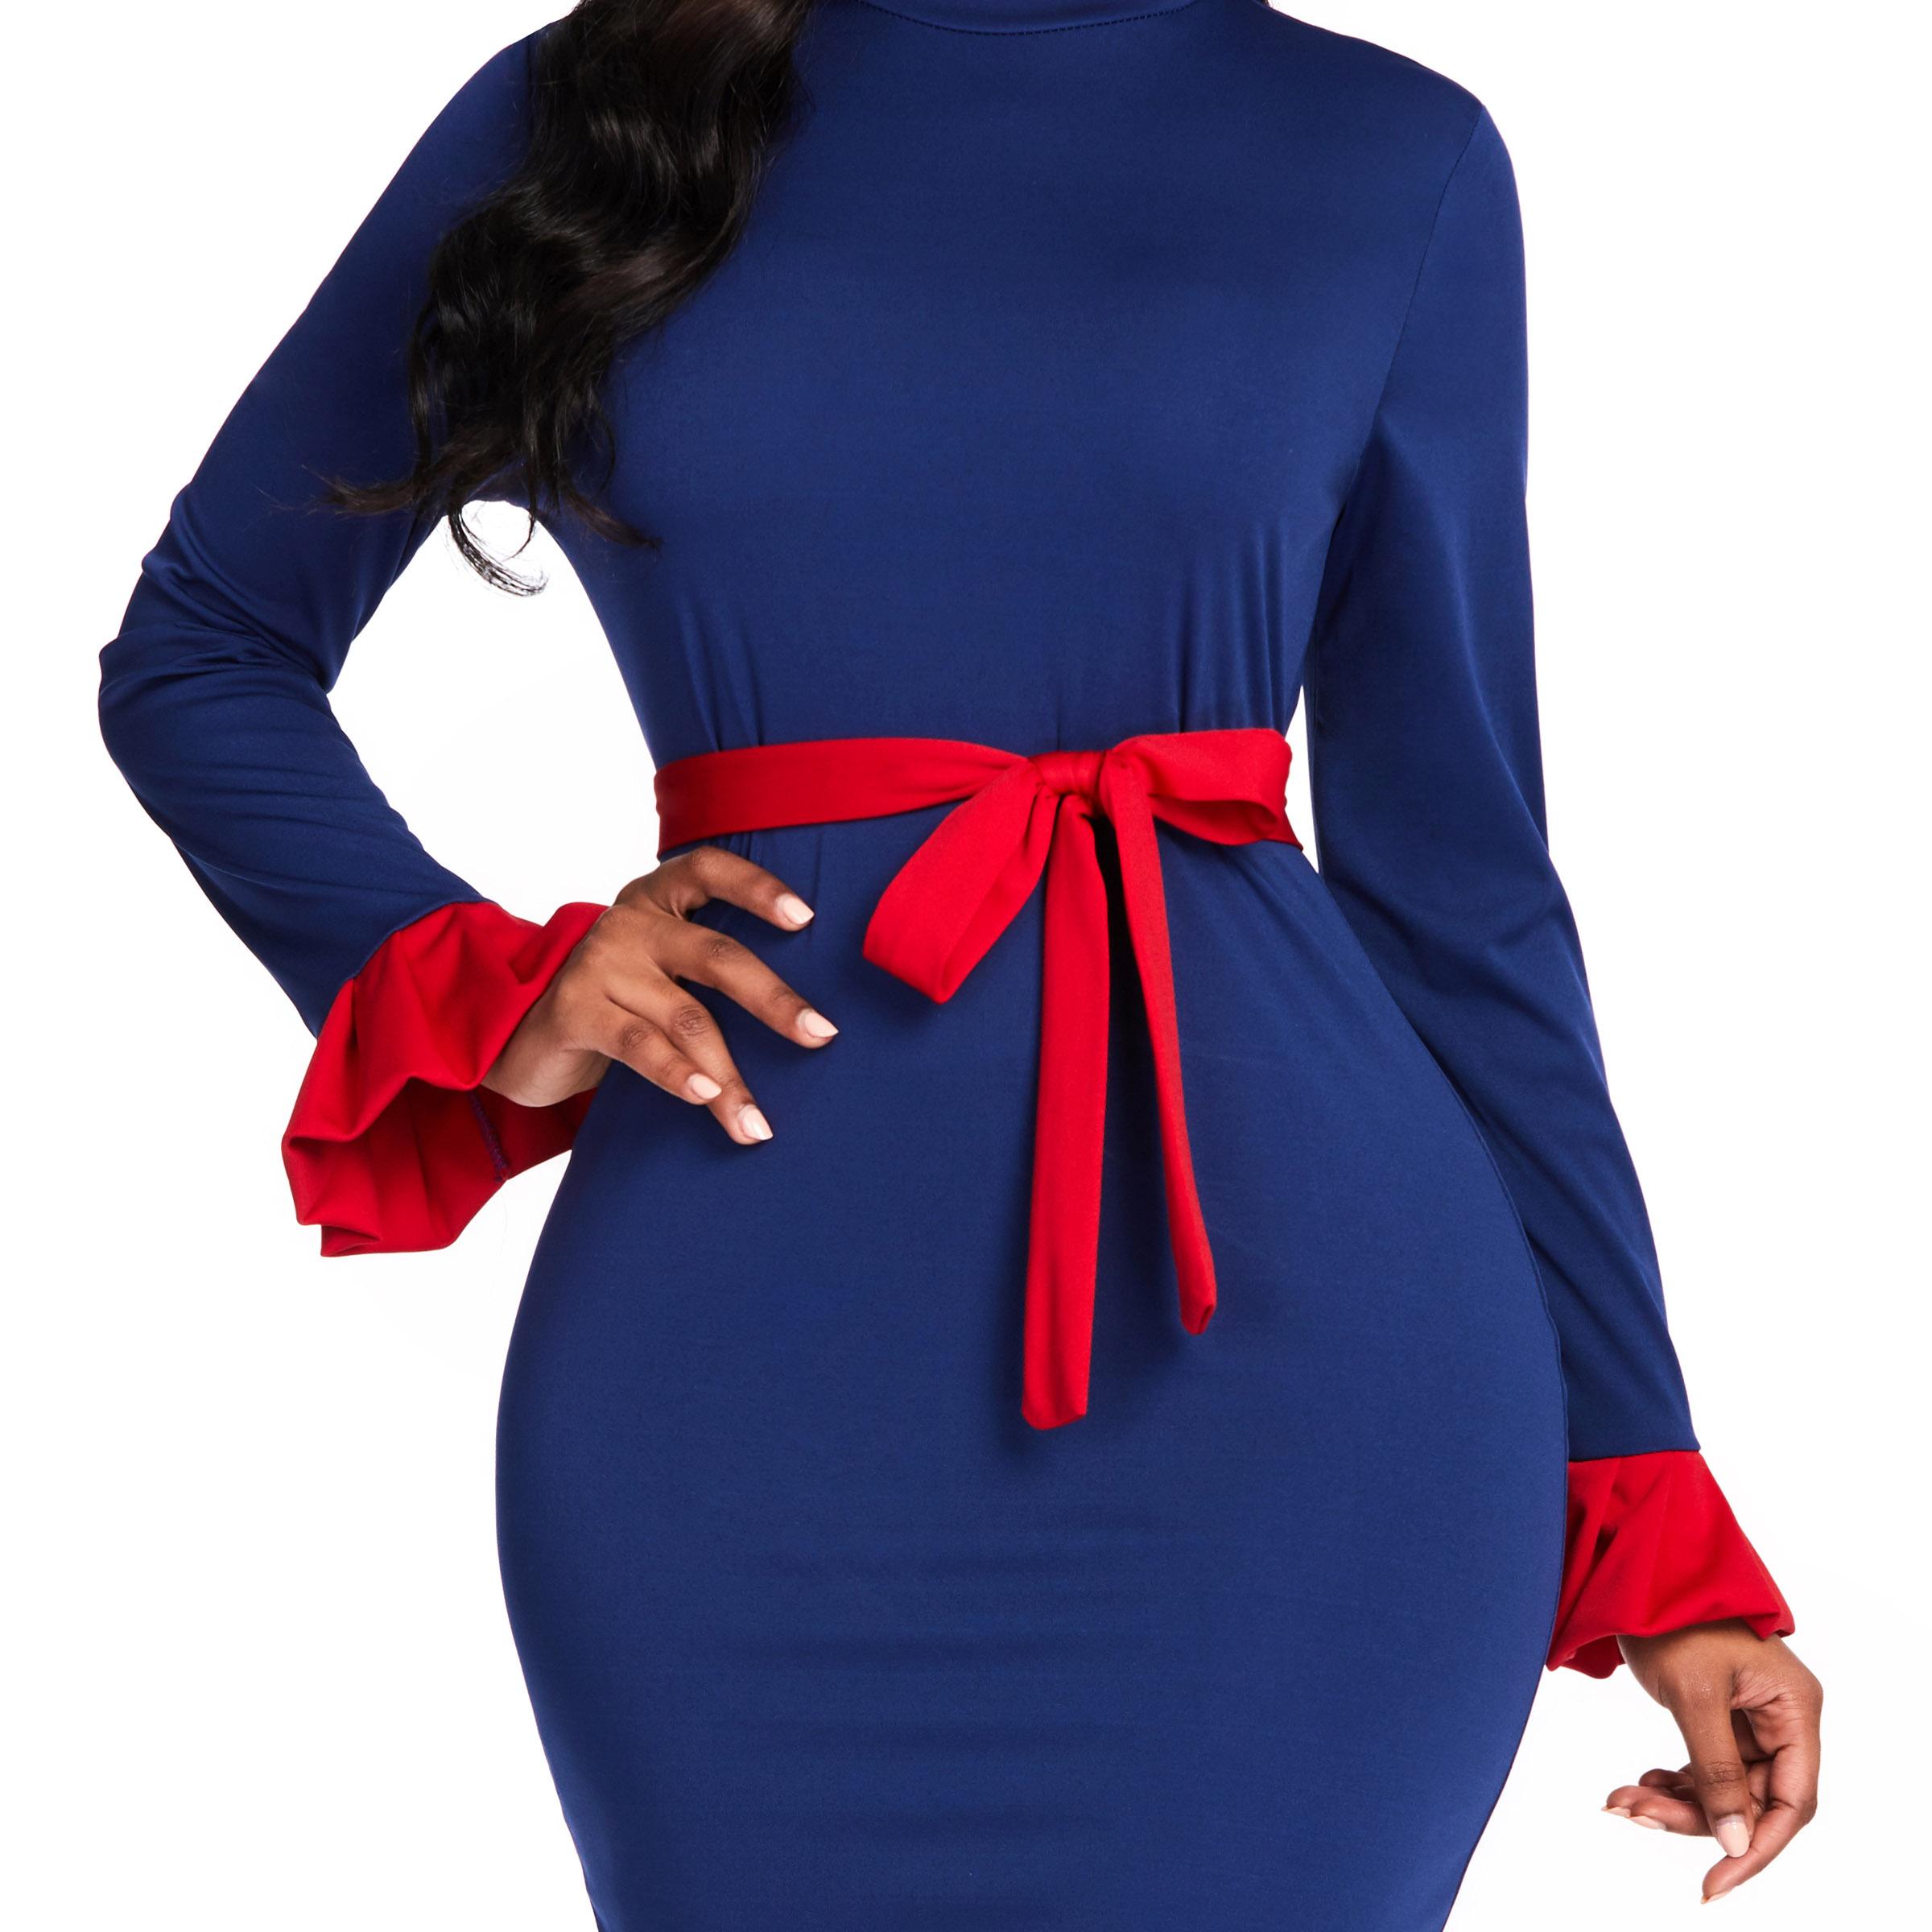 Африканский женский платье синий облегающий клеш длинный рукав середина икры 2021 лето весна платья Femme пояс цвет блок макси платья